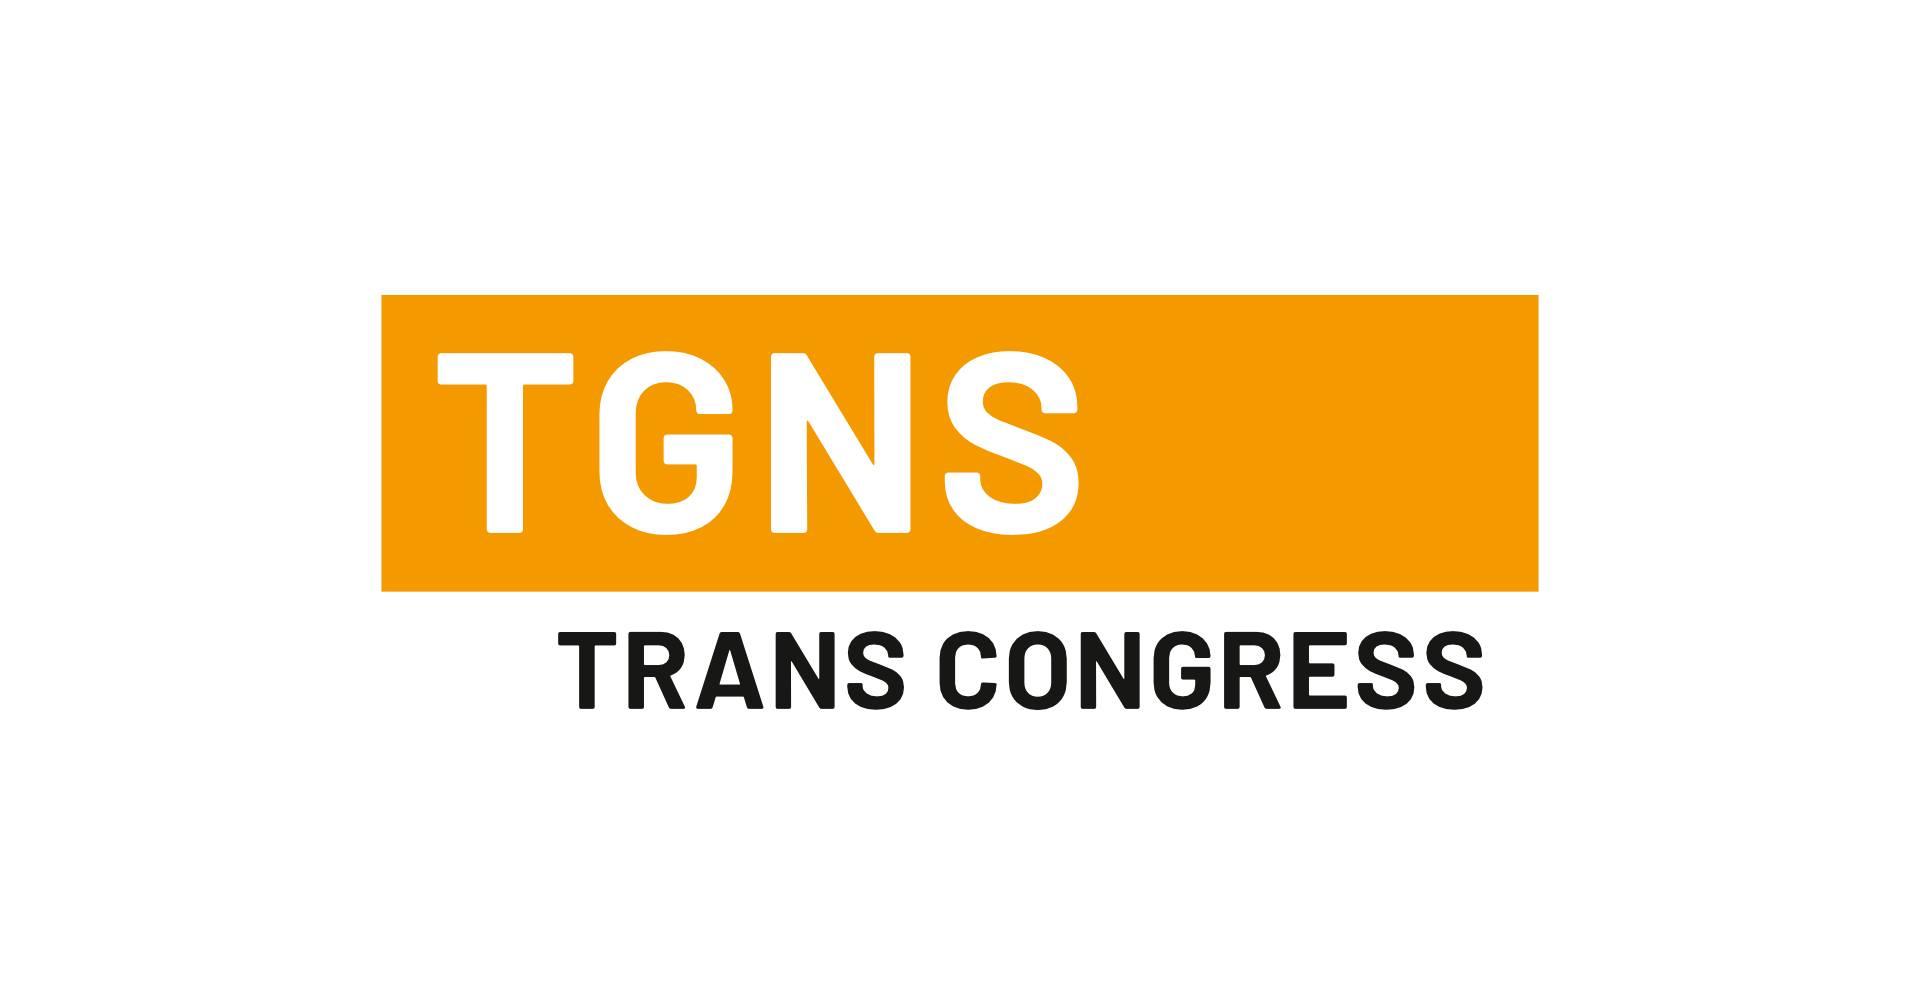 TGNS Congrès trans